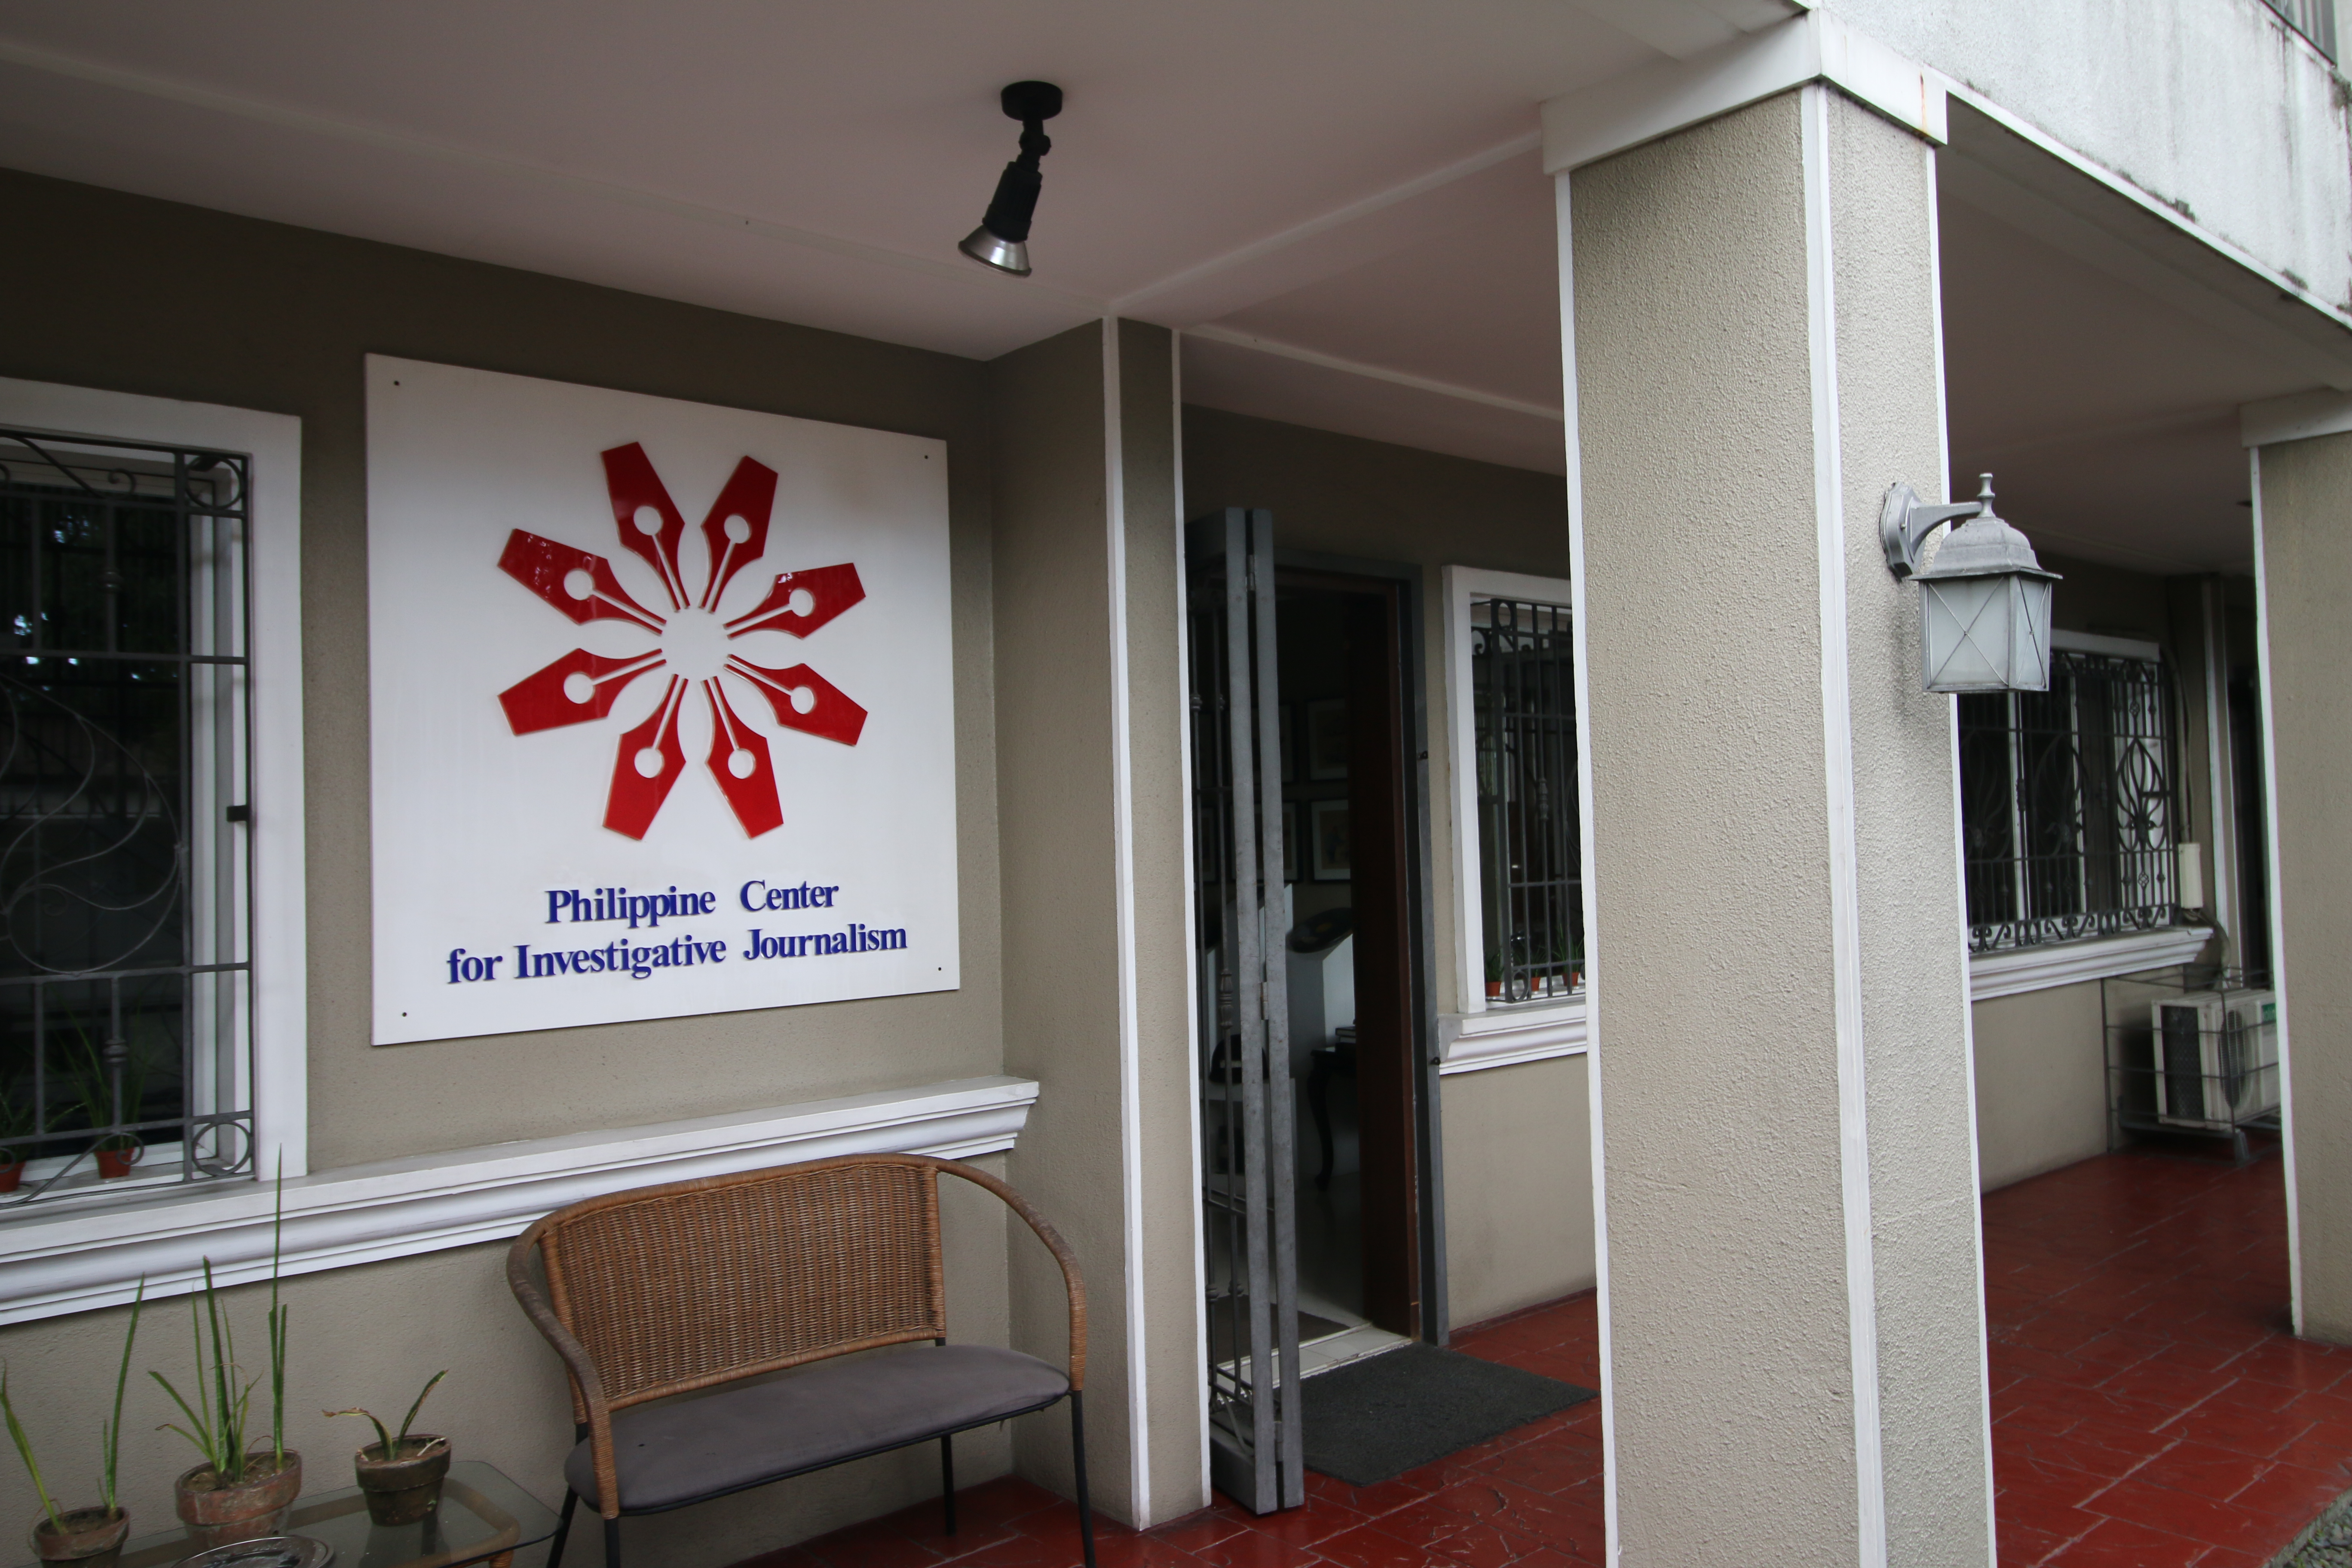 Philippine Center for Investigative Journalism